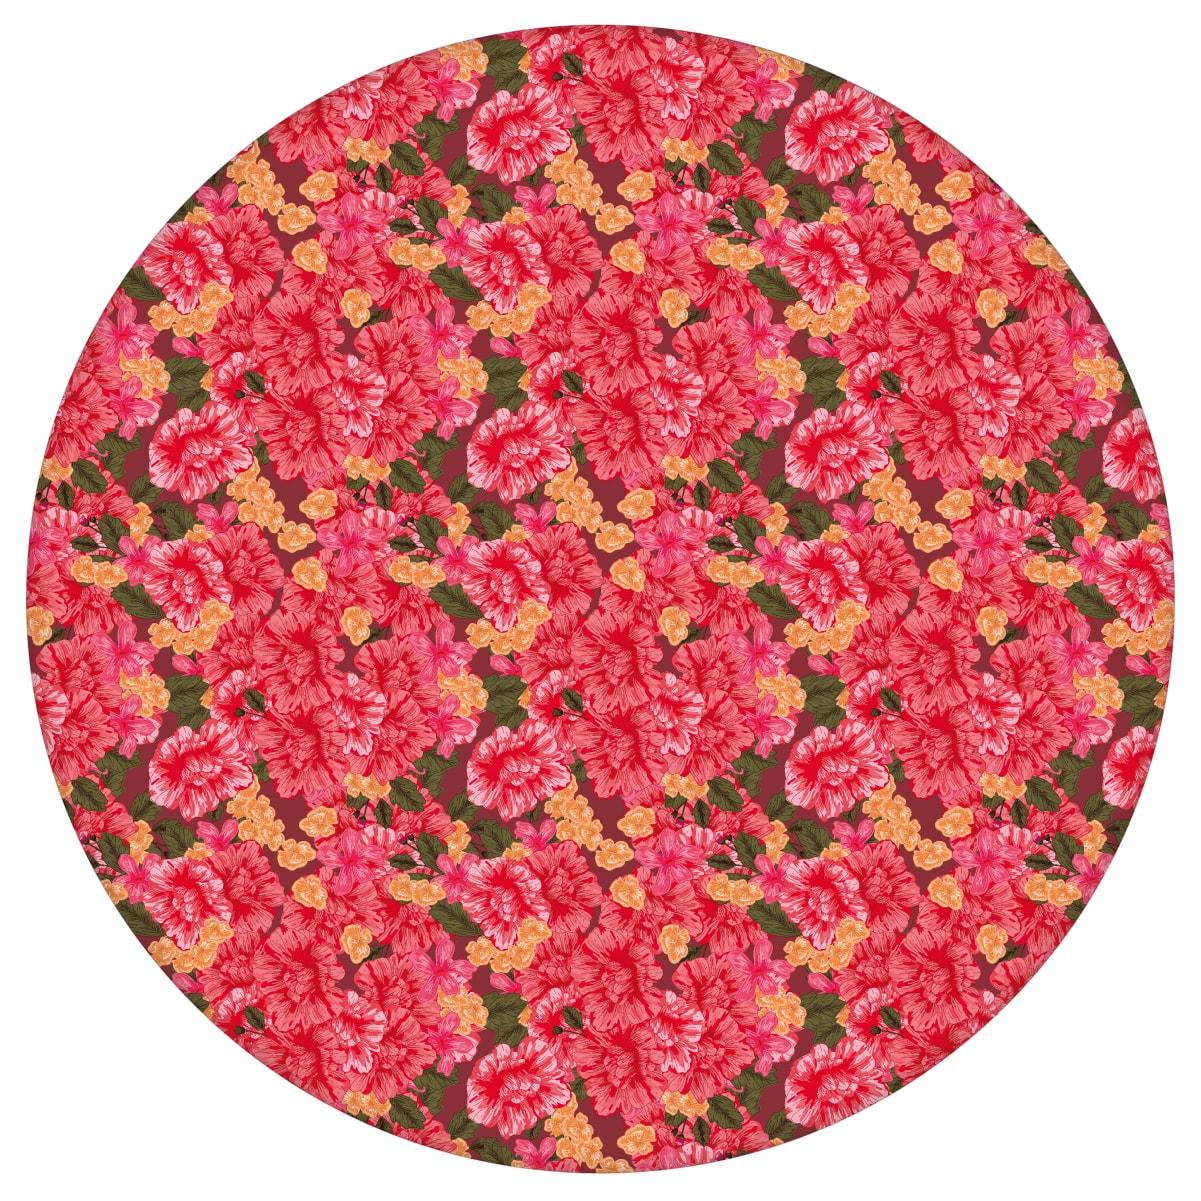 Blumentapete Shabby Flowers Landhaus shabby chic in rot - Vliestapete für Schlafzimmeraus dem GMM-BERLIN.com Sortiment: rote Tapete zur Raumgestaltung: #Ambiente #interior #interiordesign #rosen #rote Tapeten #schlafzimmerLandhaus #Shabby Chic für individuelles Interiordesign